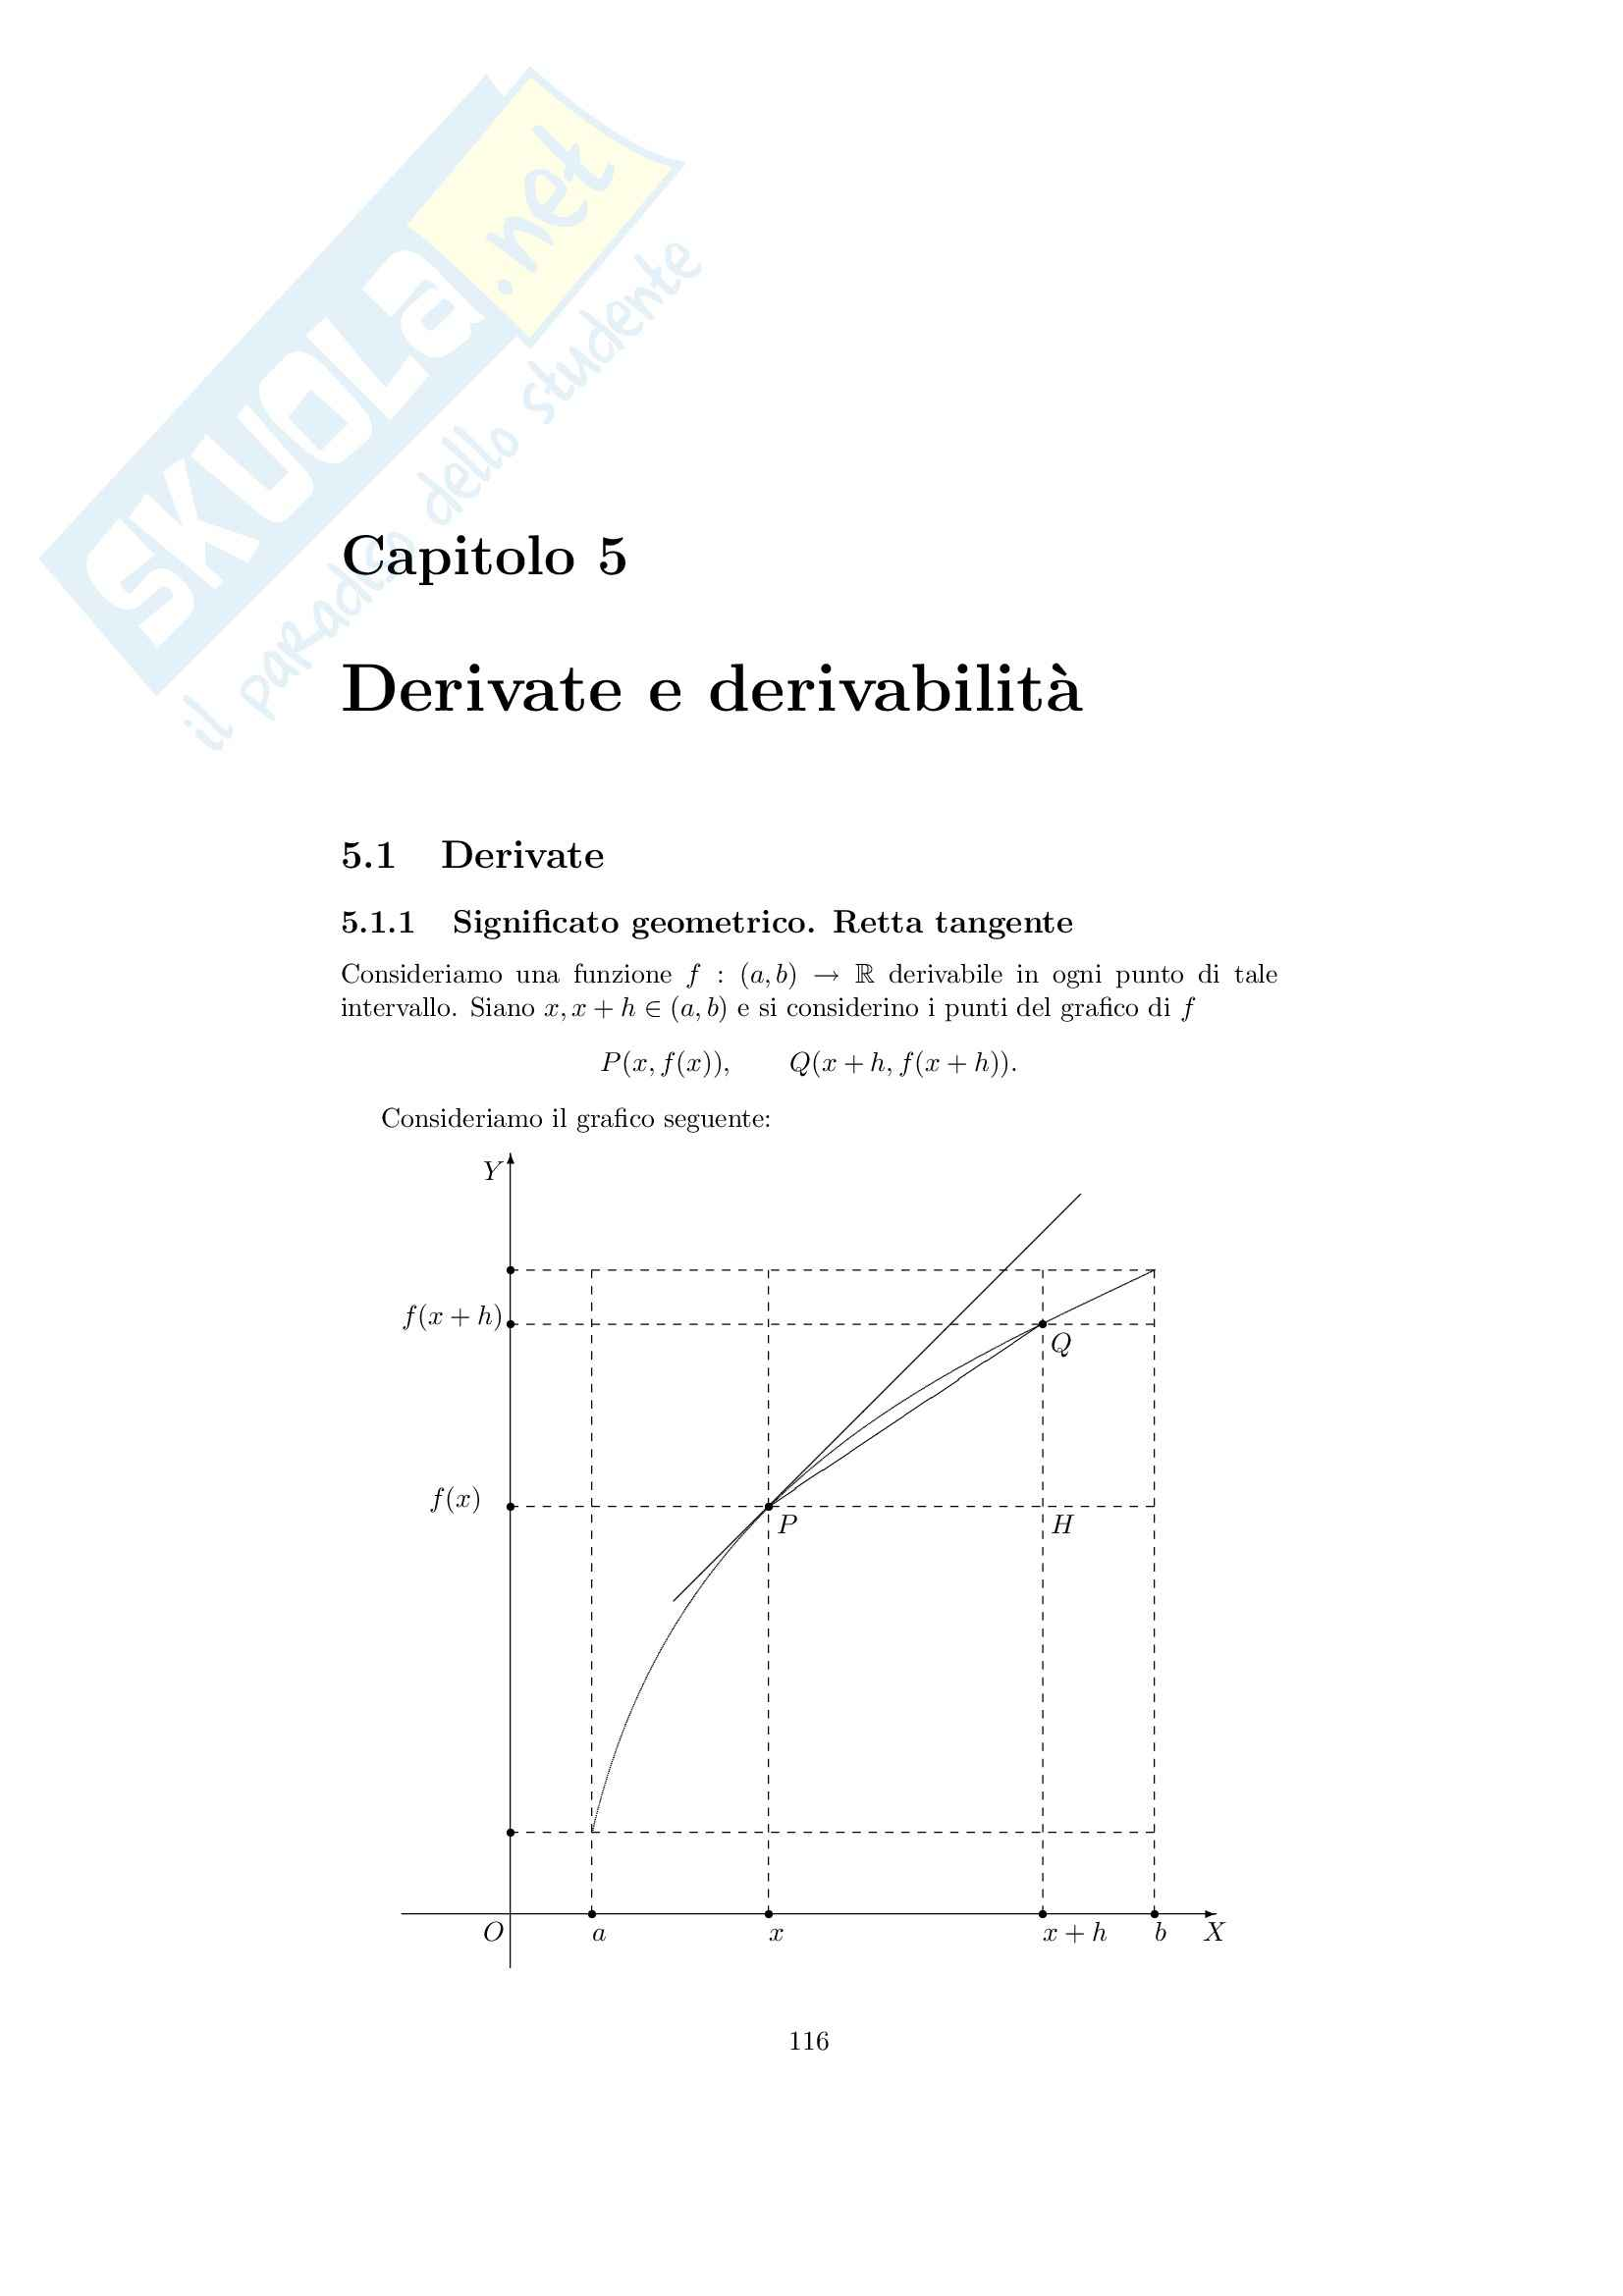 Analisi matematica 1 - Note ed esercizi svolti su derivate e derivabilità